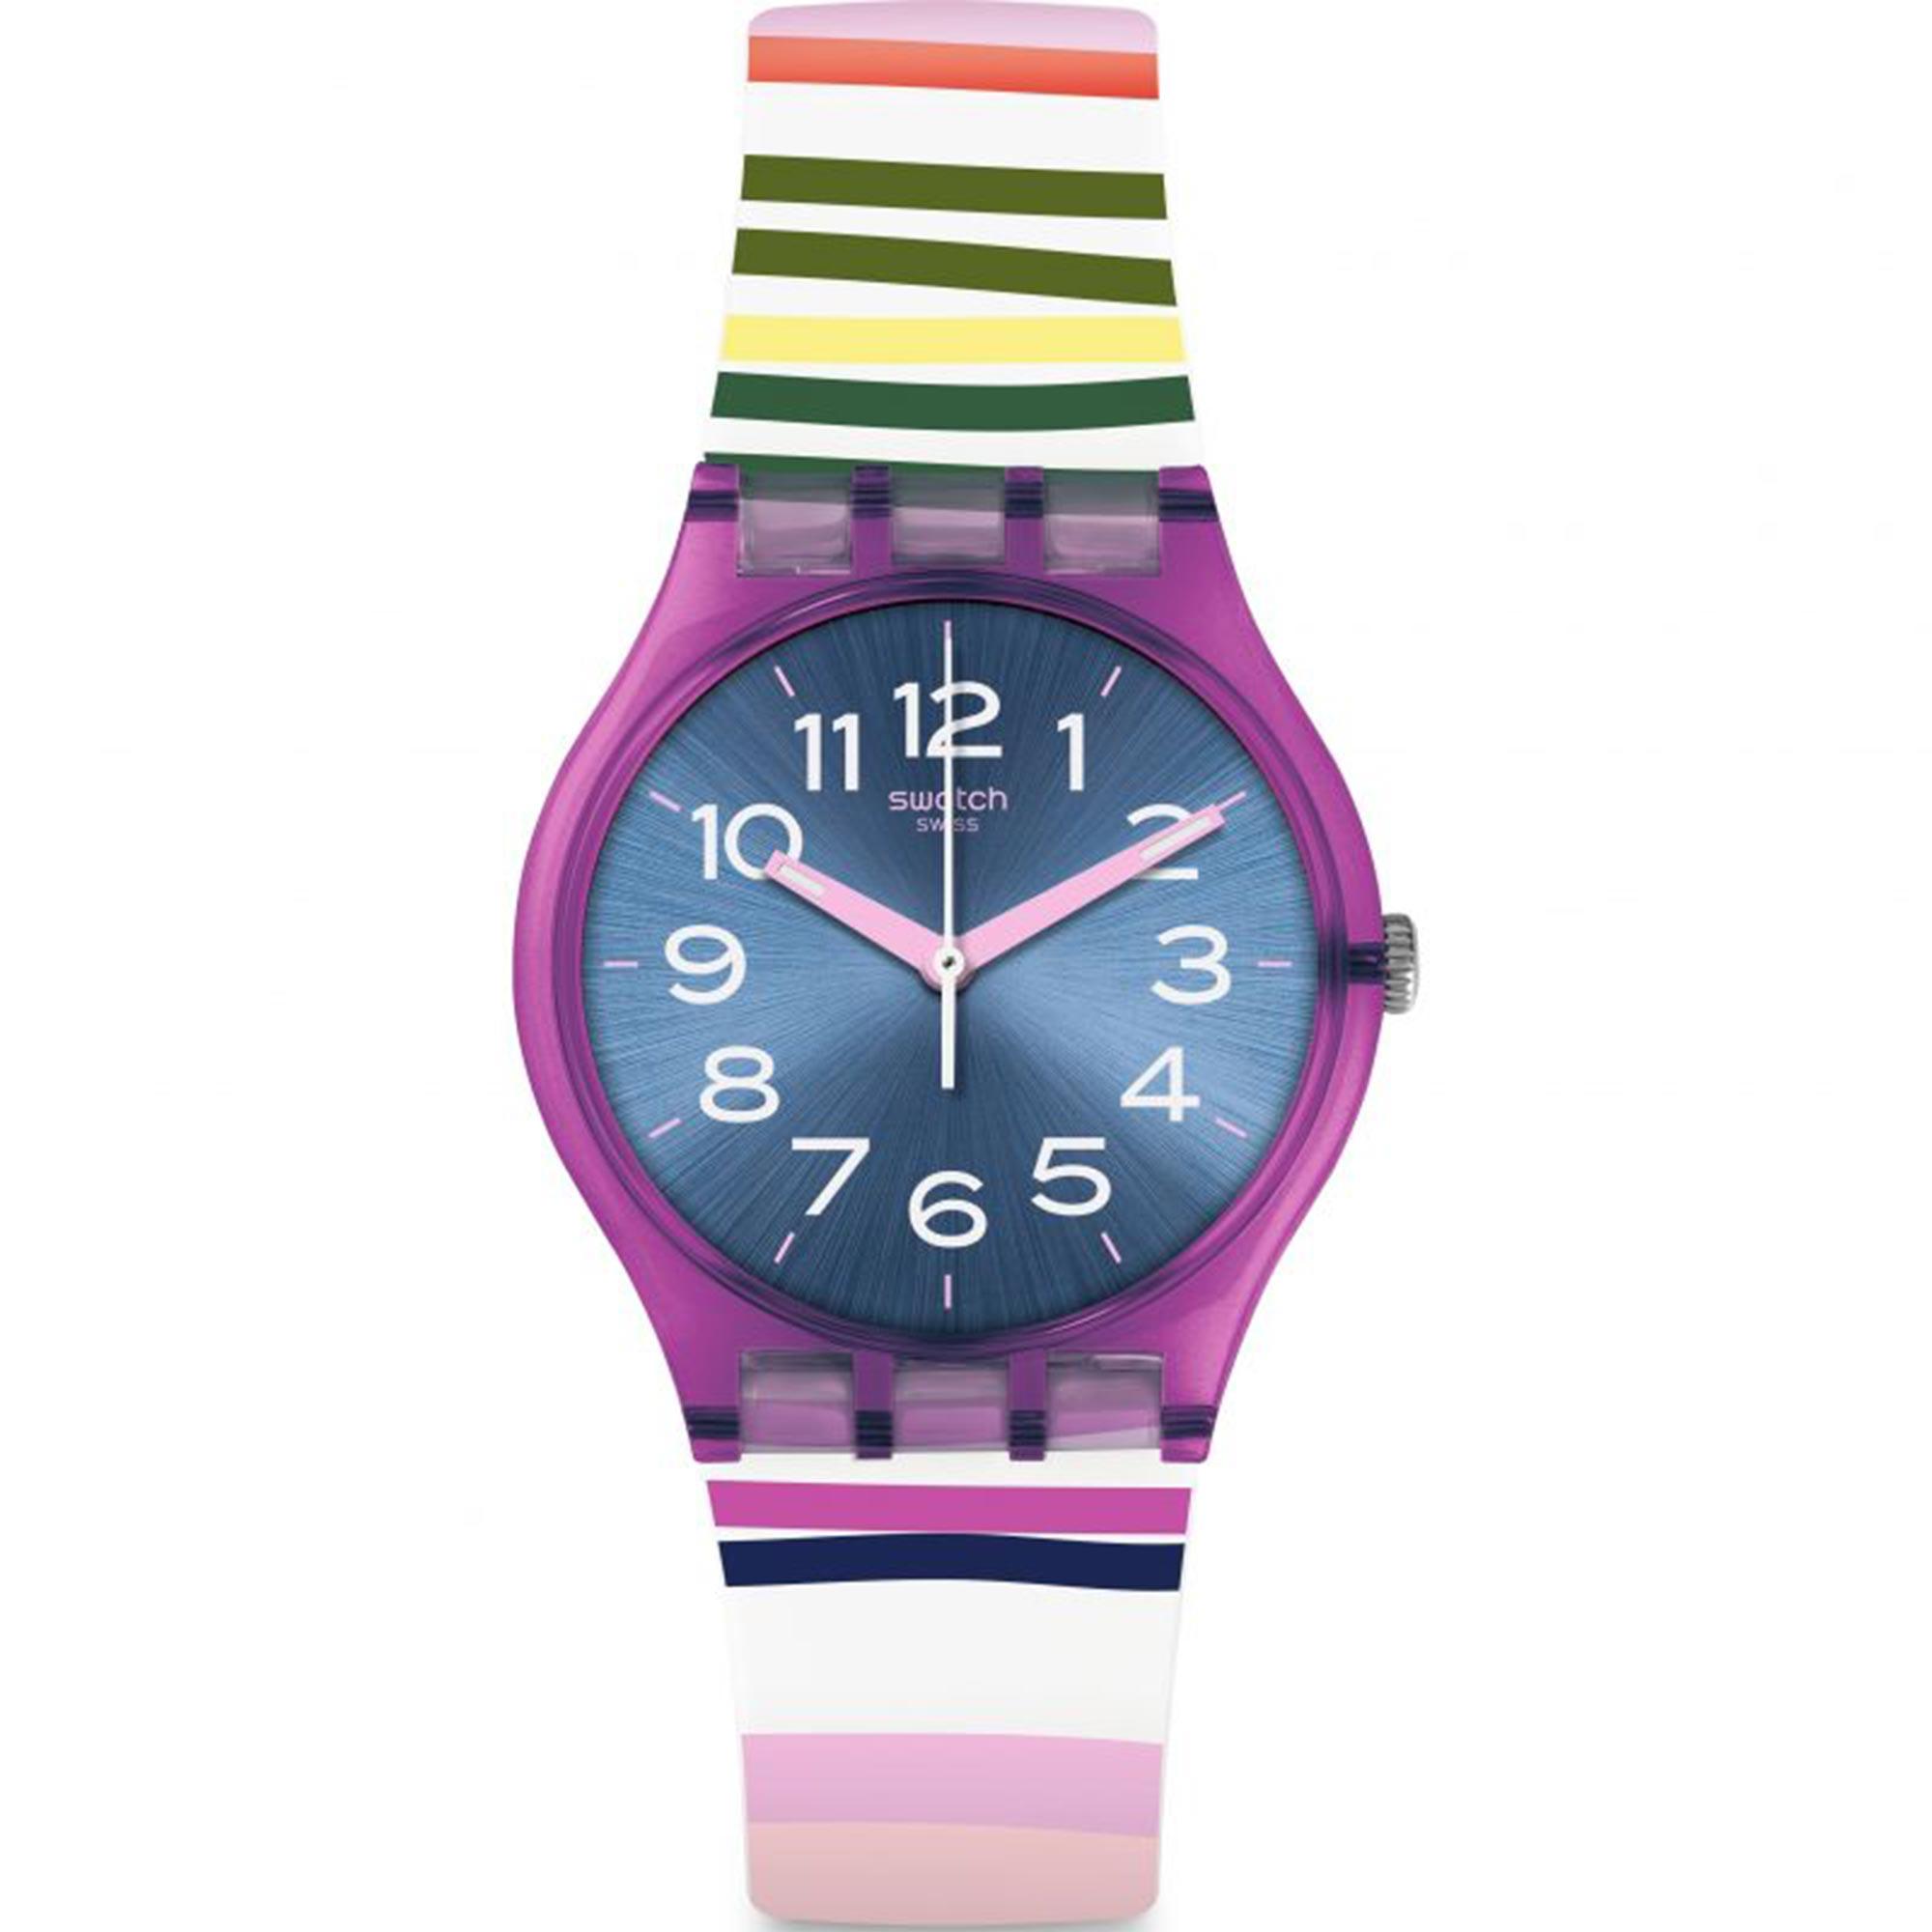 Swatch Funny Lines Quartz Movement Blue Dial Rubber Bracelet Unisex Watch GP153